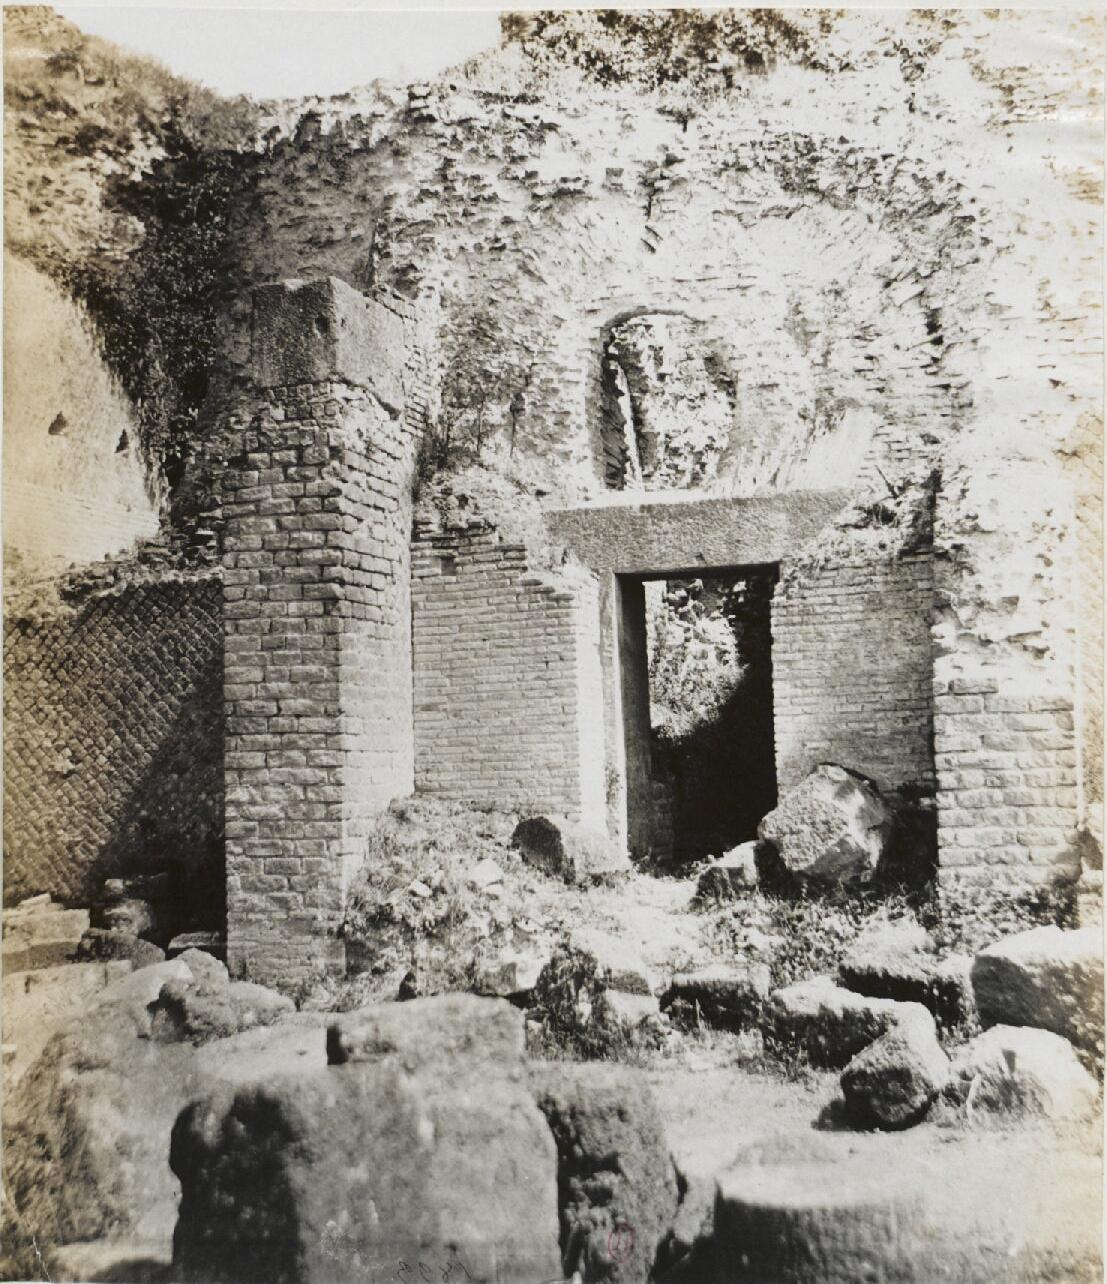 Тускул.  Дом Цицерона. Западная сторона, демонстрирующая строительство разных периодов